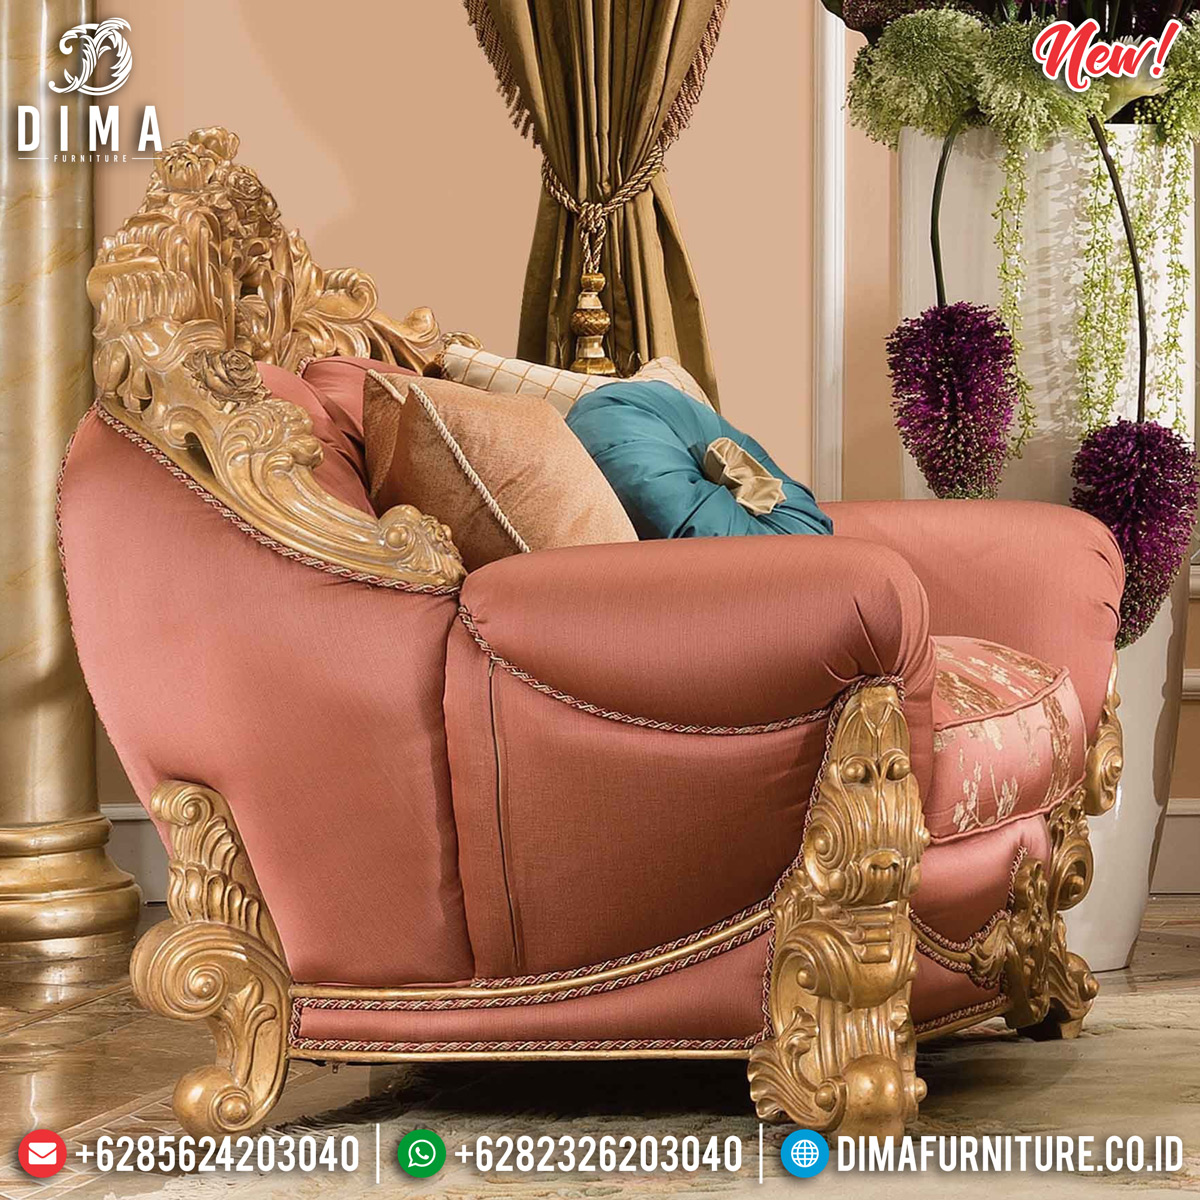 Luxurious Sofa Tamu Mewah Jepara Gold Natural DF-1301 Gambar 1